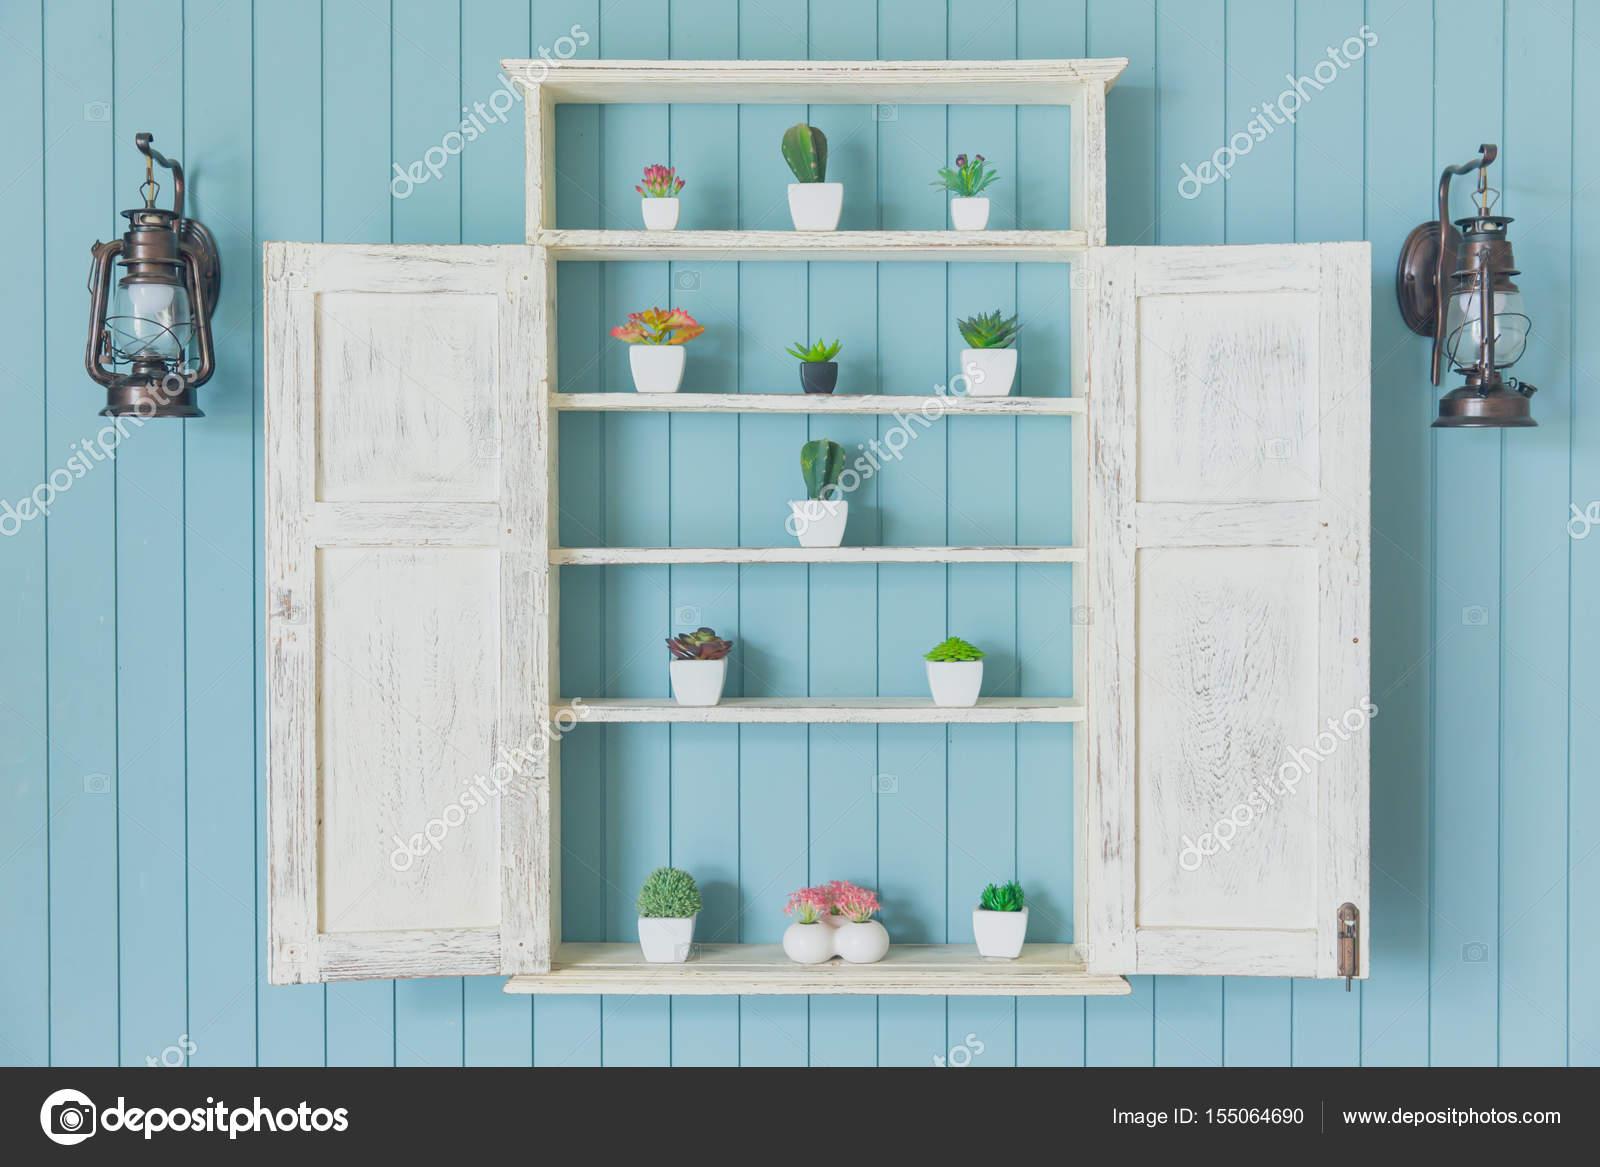 Blauw hout met kleine tuin huis decoratie groene oceaan kleur